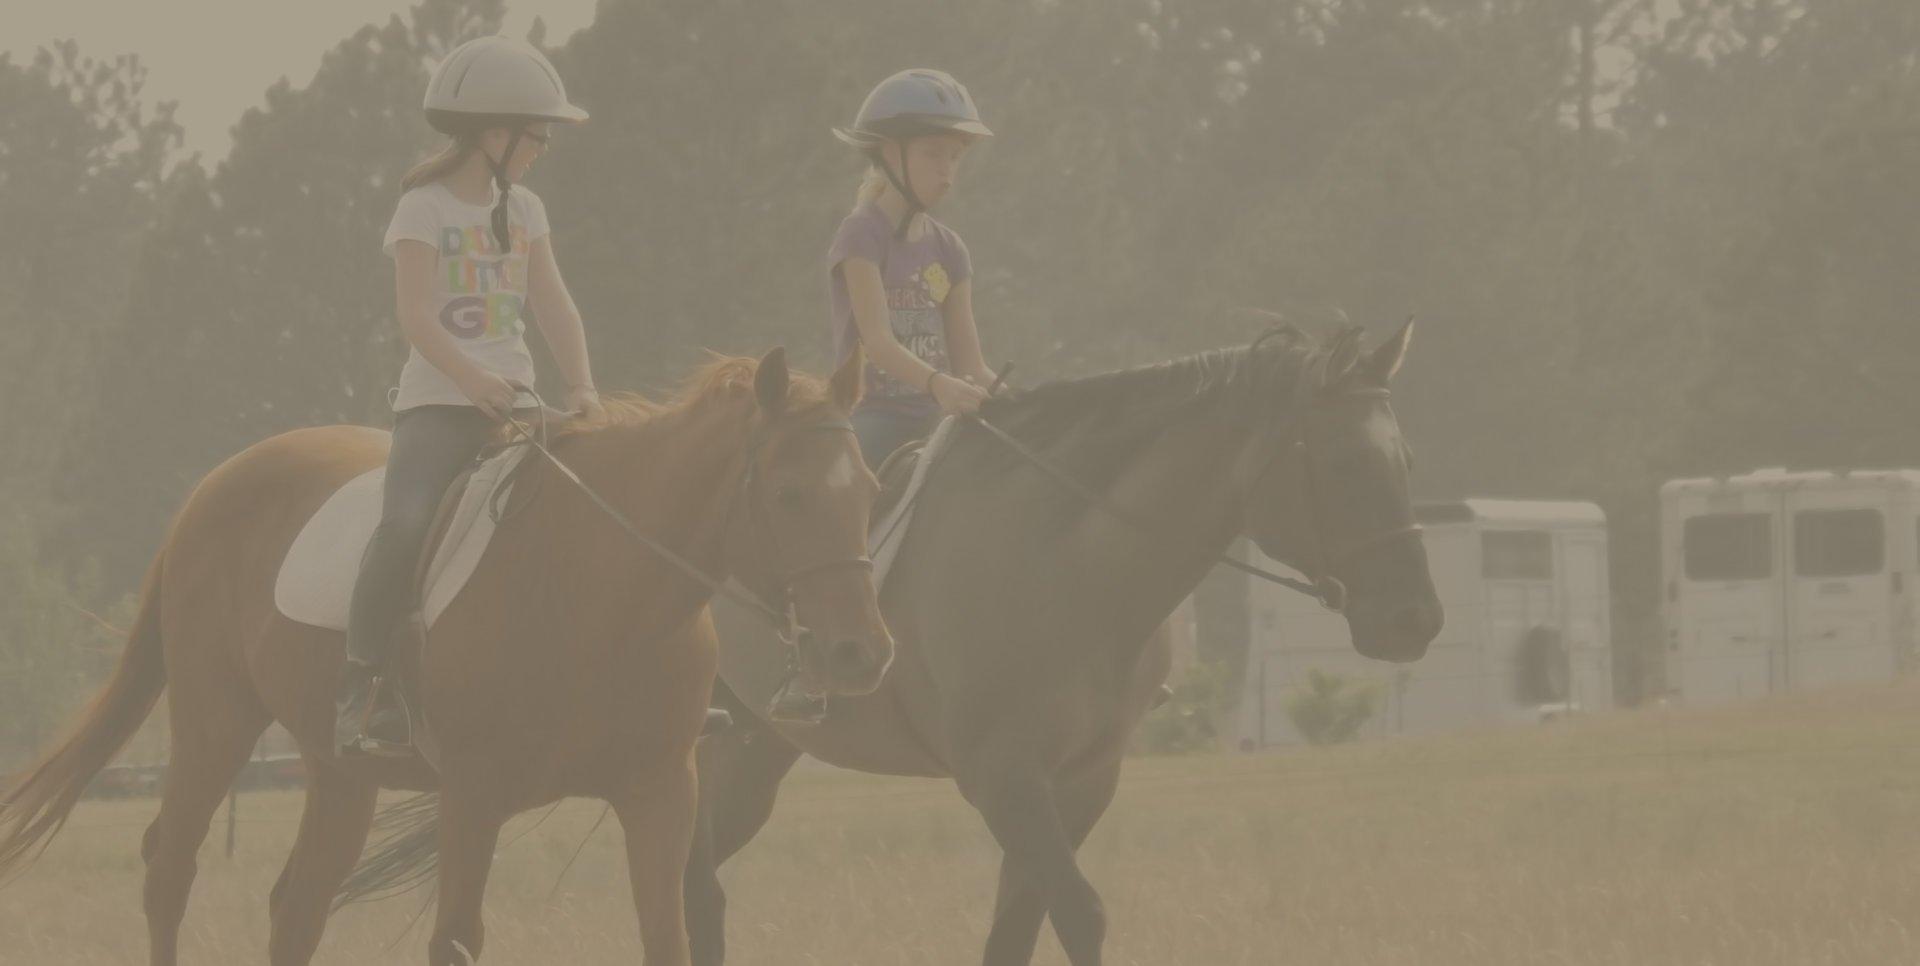 Riding horses image